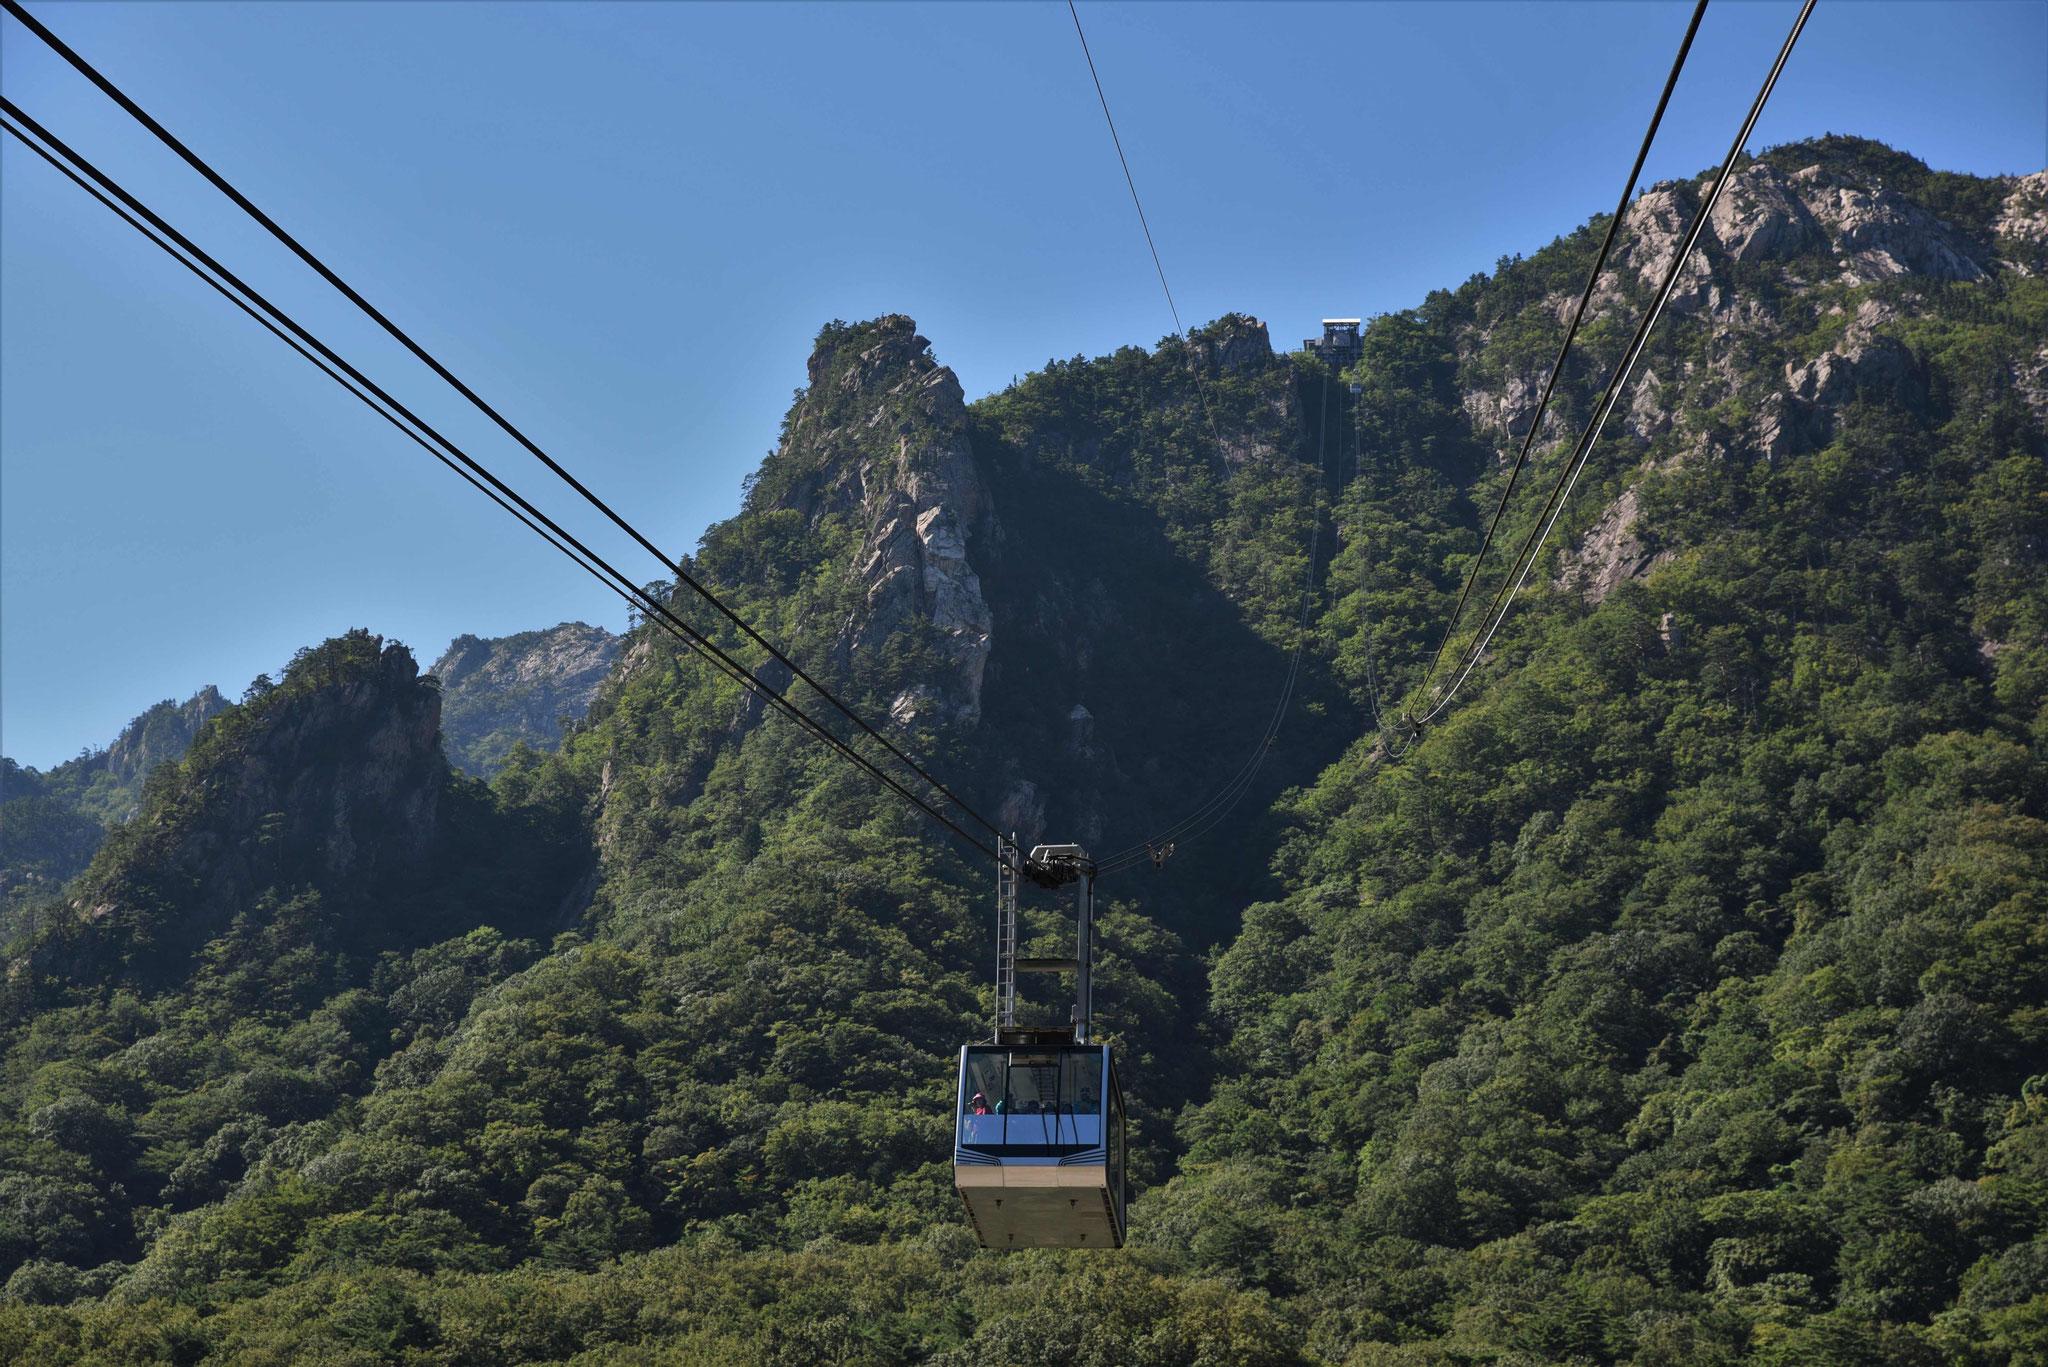 Bequem mit der Seilbahn auf den Berg ;-)